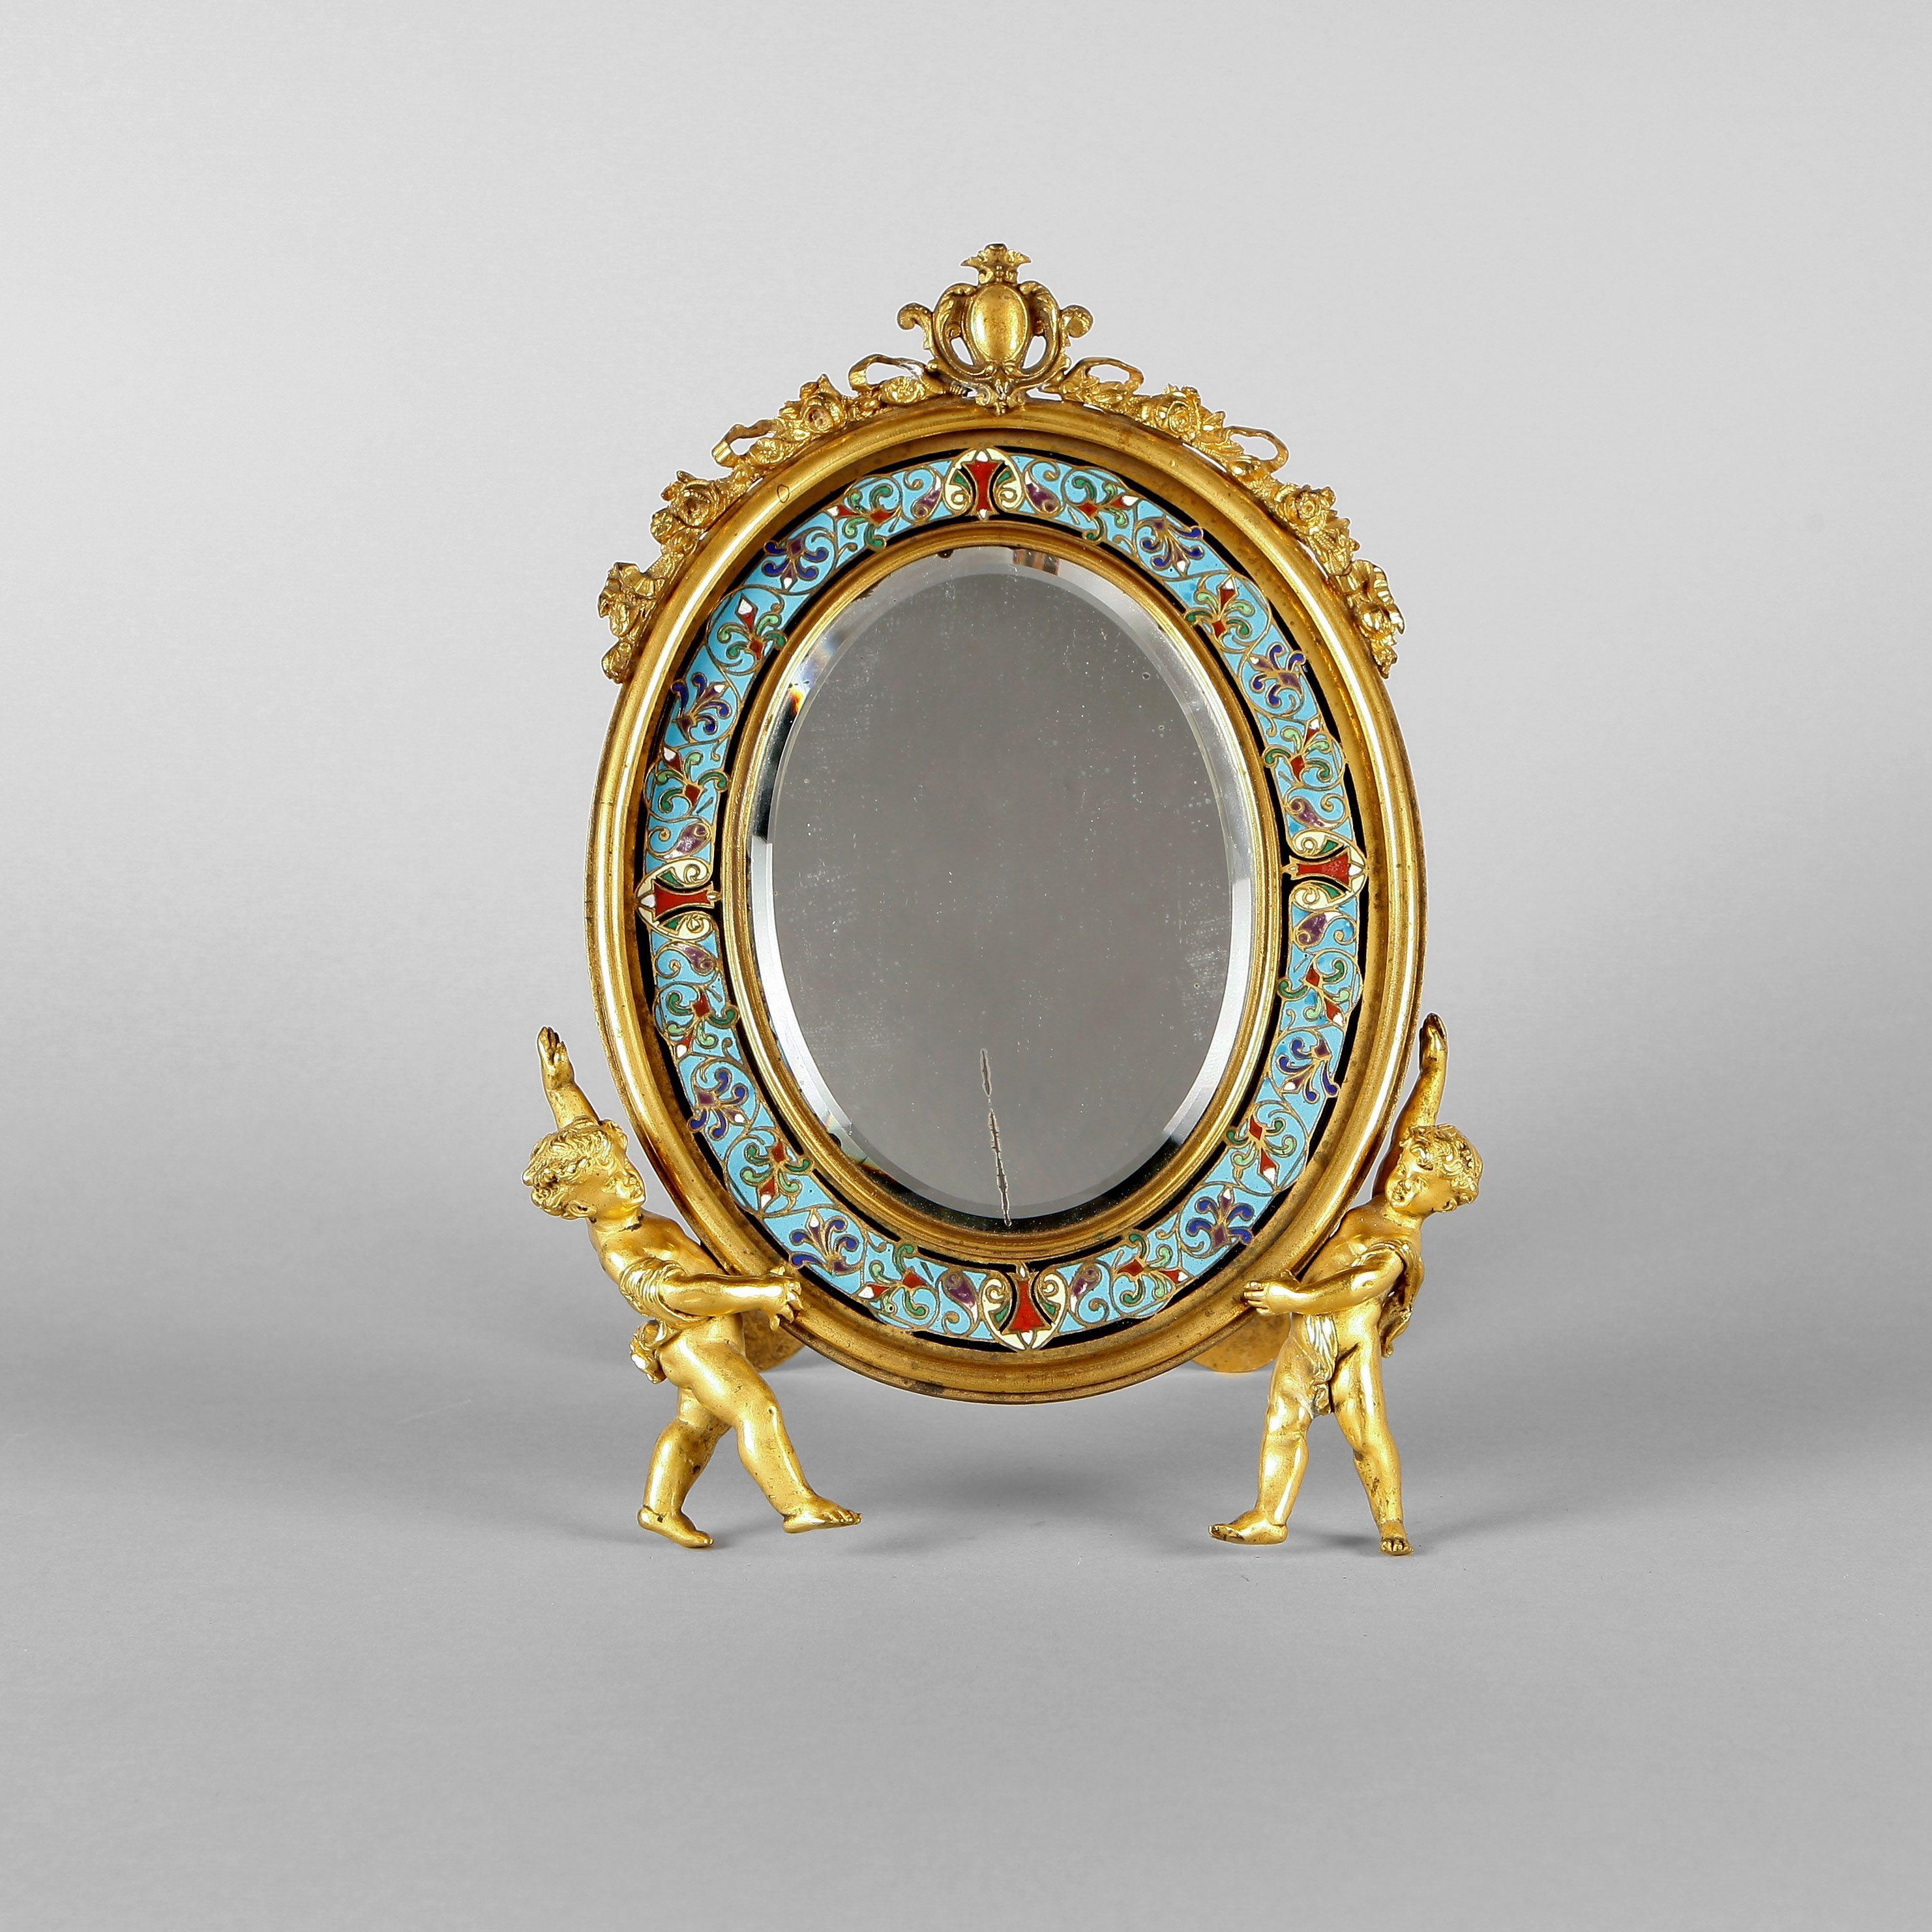 maison alphonse giroux paris miroir de table de forme ovale en bronze dor et maux cloisonn s. Black Bedroom Furniture Sets. Home Design Ideas